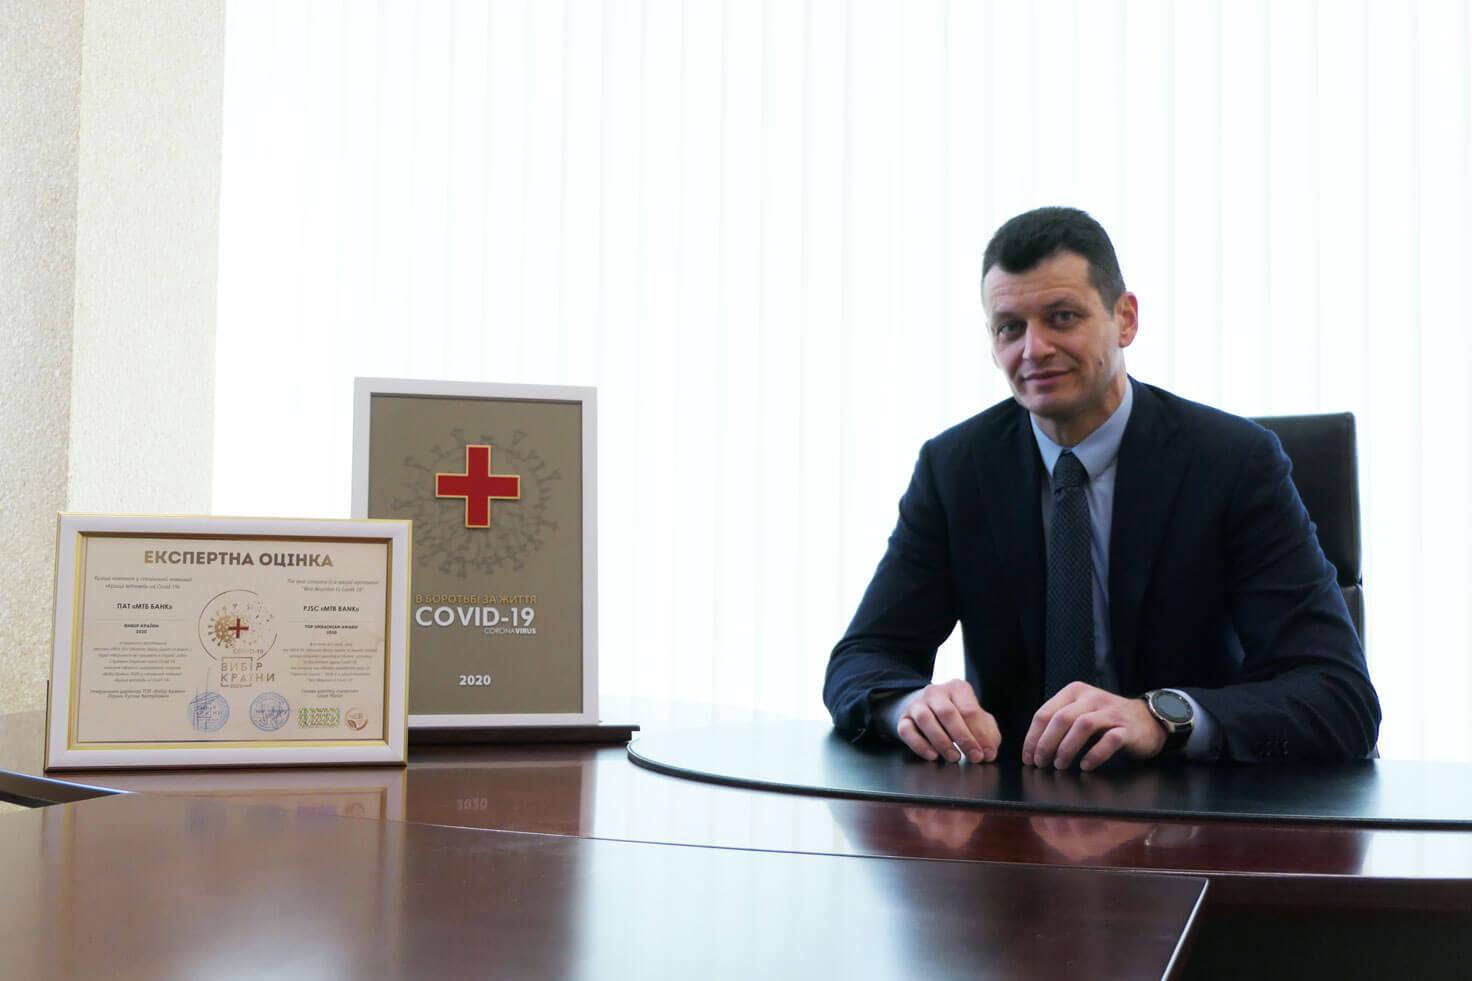 «Краща відповідь на COVID-19»: МТБ БАНК отмечен премией «Вибір Країни» - фото - mtb.ua